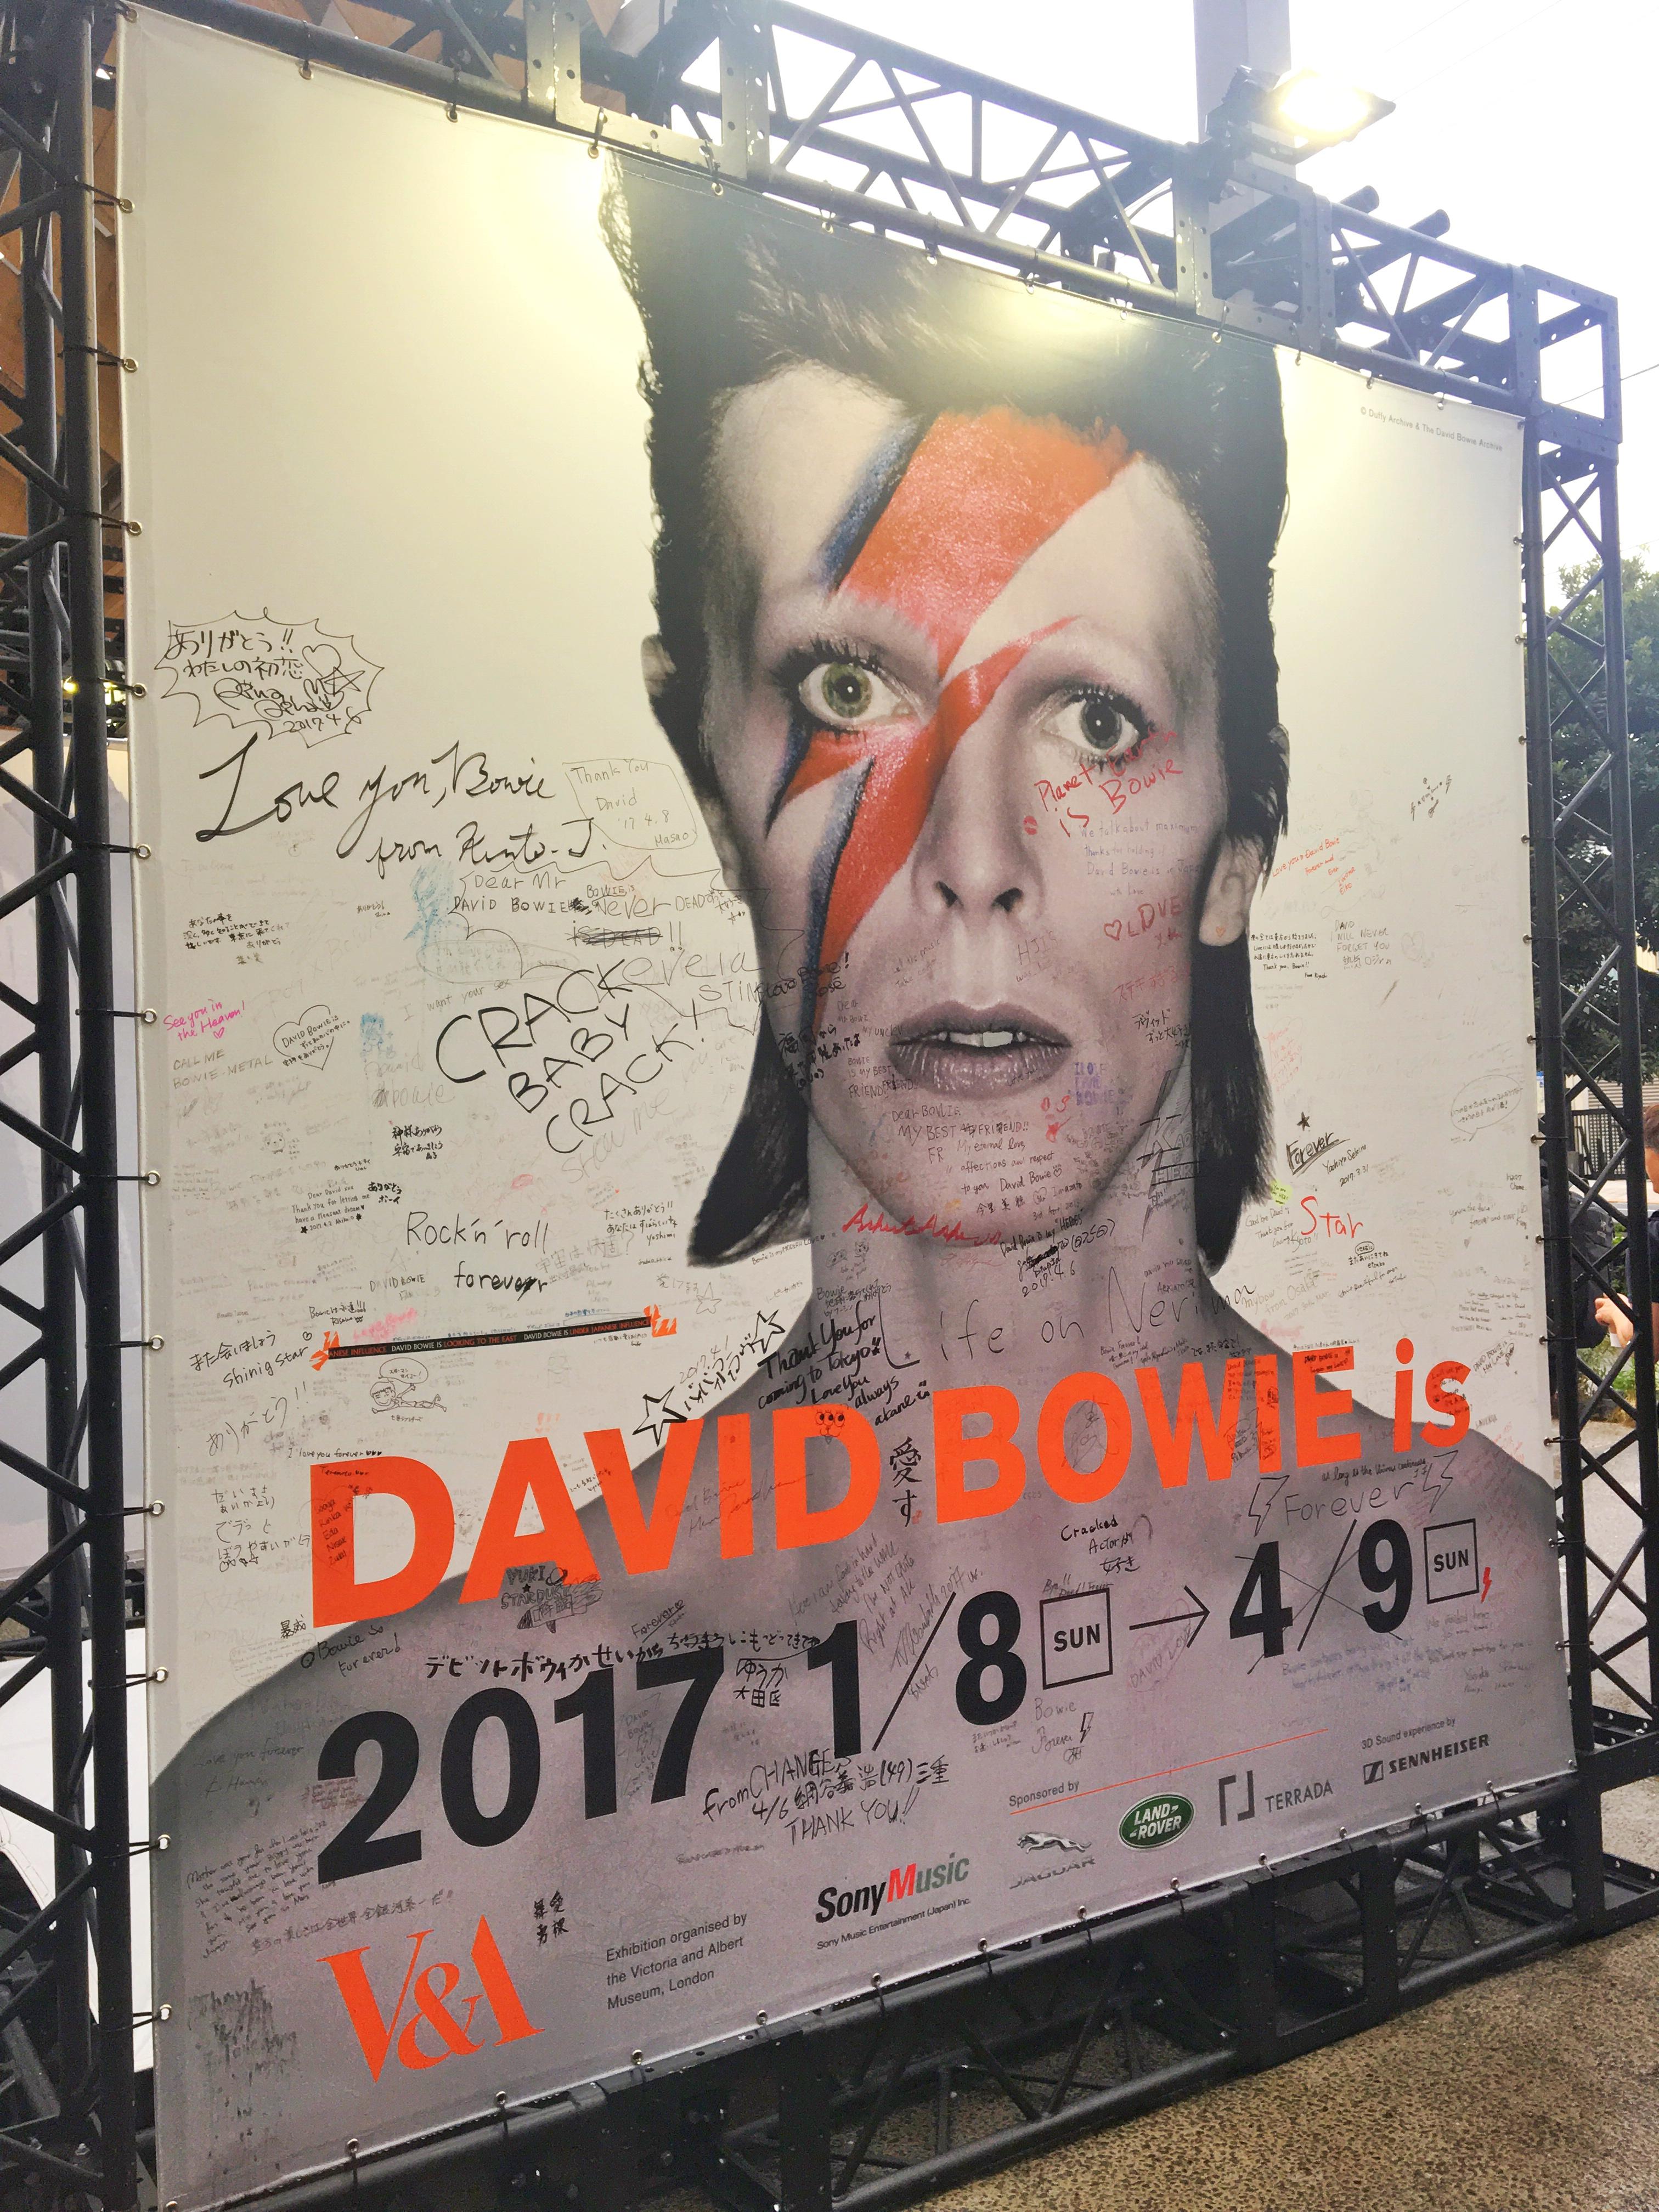 にわかだけど『David Bowie is』を観た